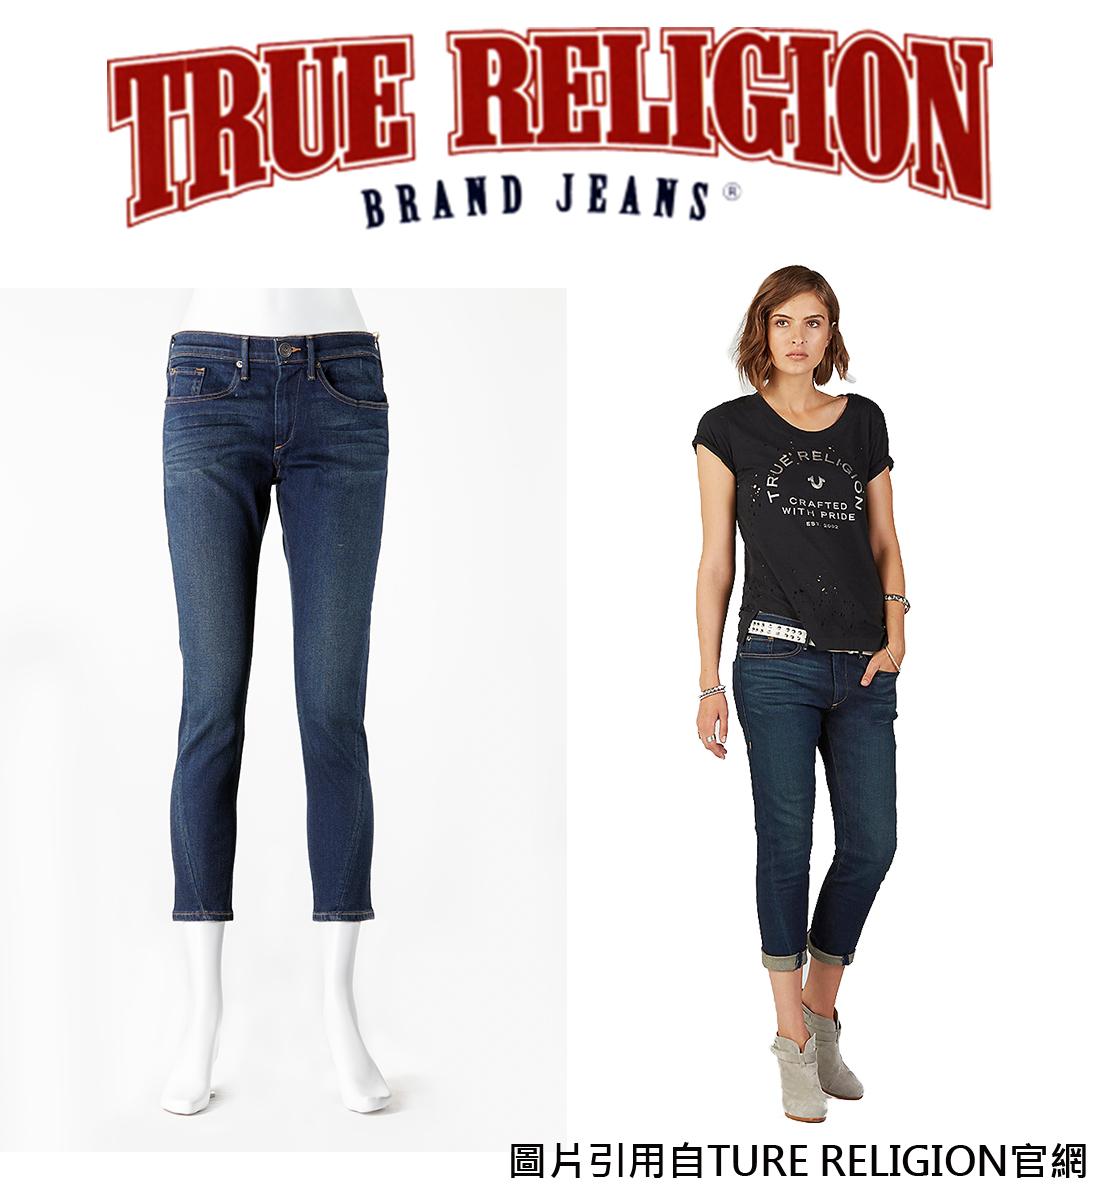 TRUE RELIGION NU BOY系列 男友褲 美國製造 現貨供應 【美國好褲】